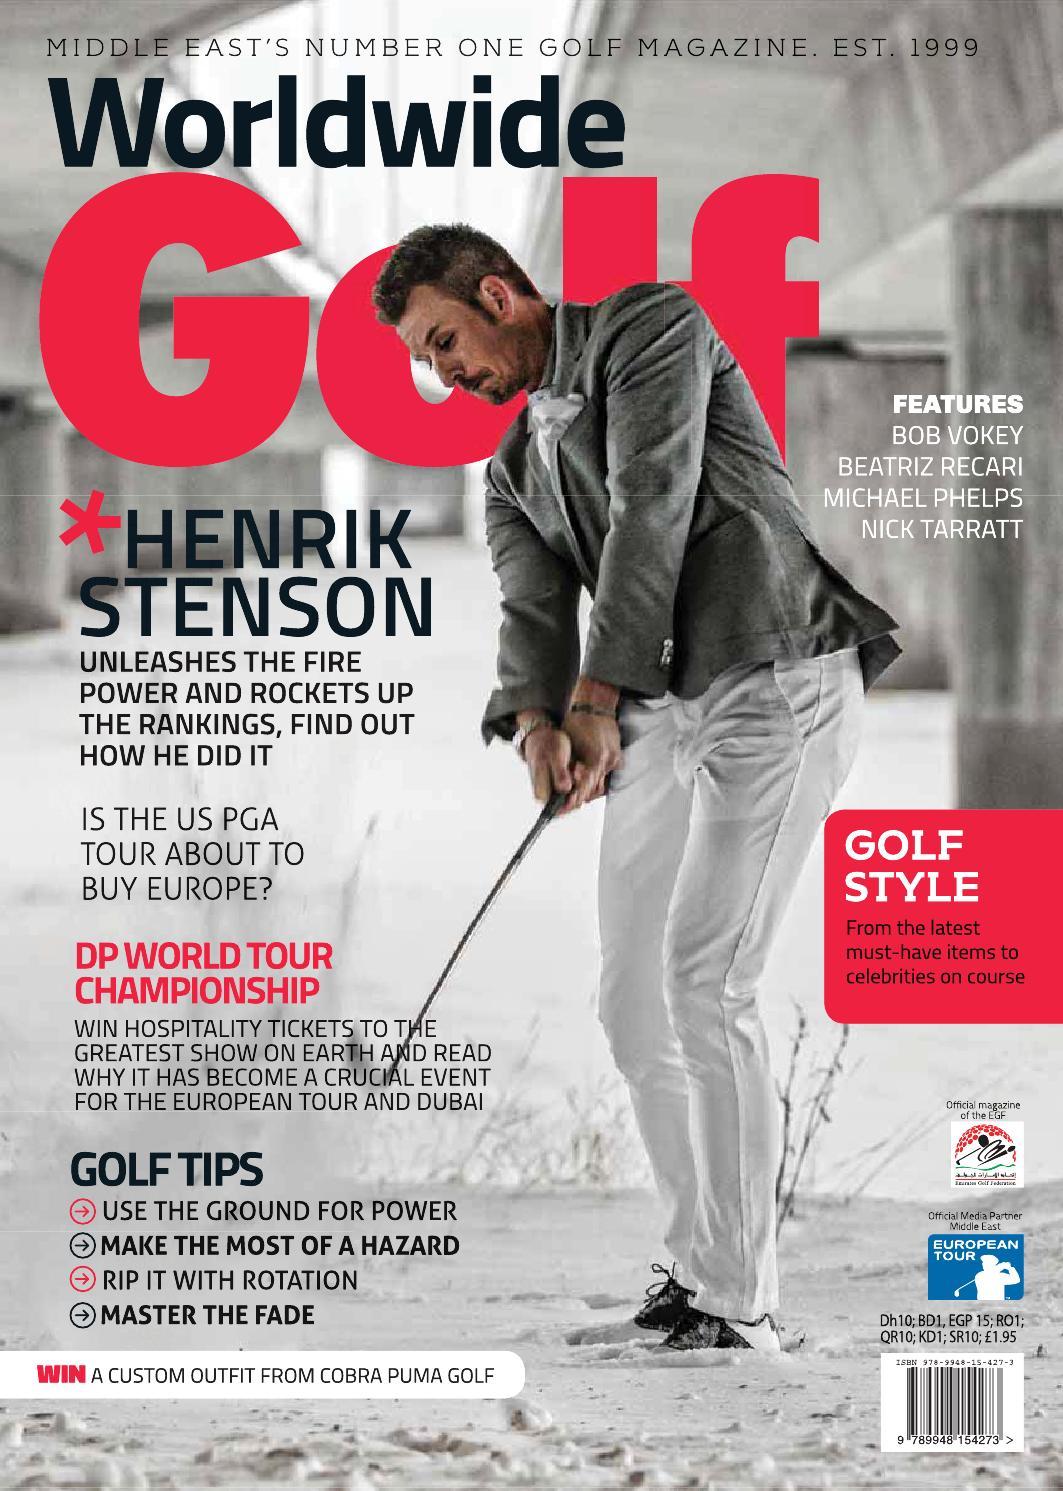 Worldwide Golf – September 2013 by WSP Global - issuu 7178132f9e44